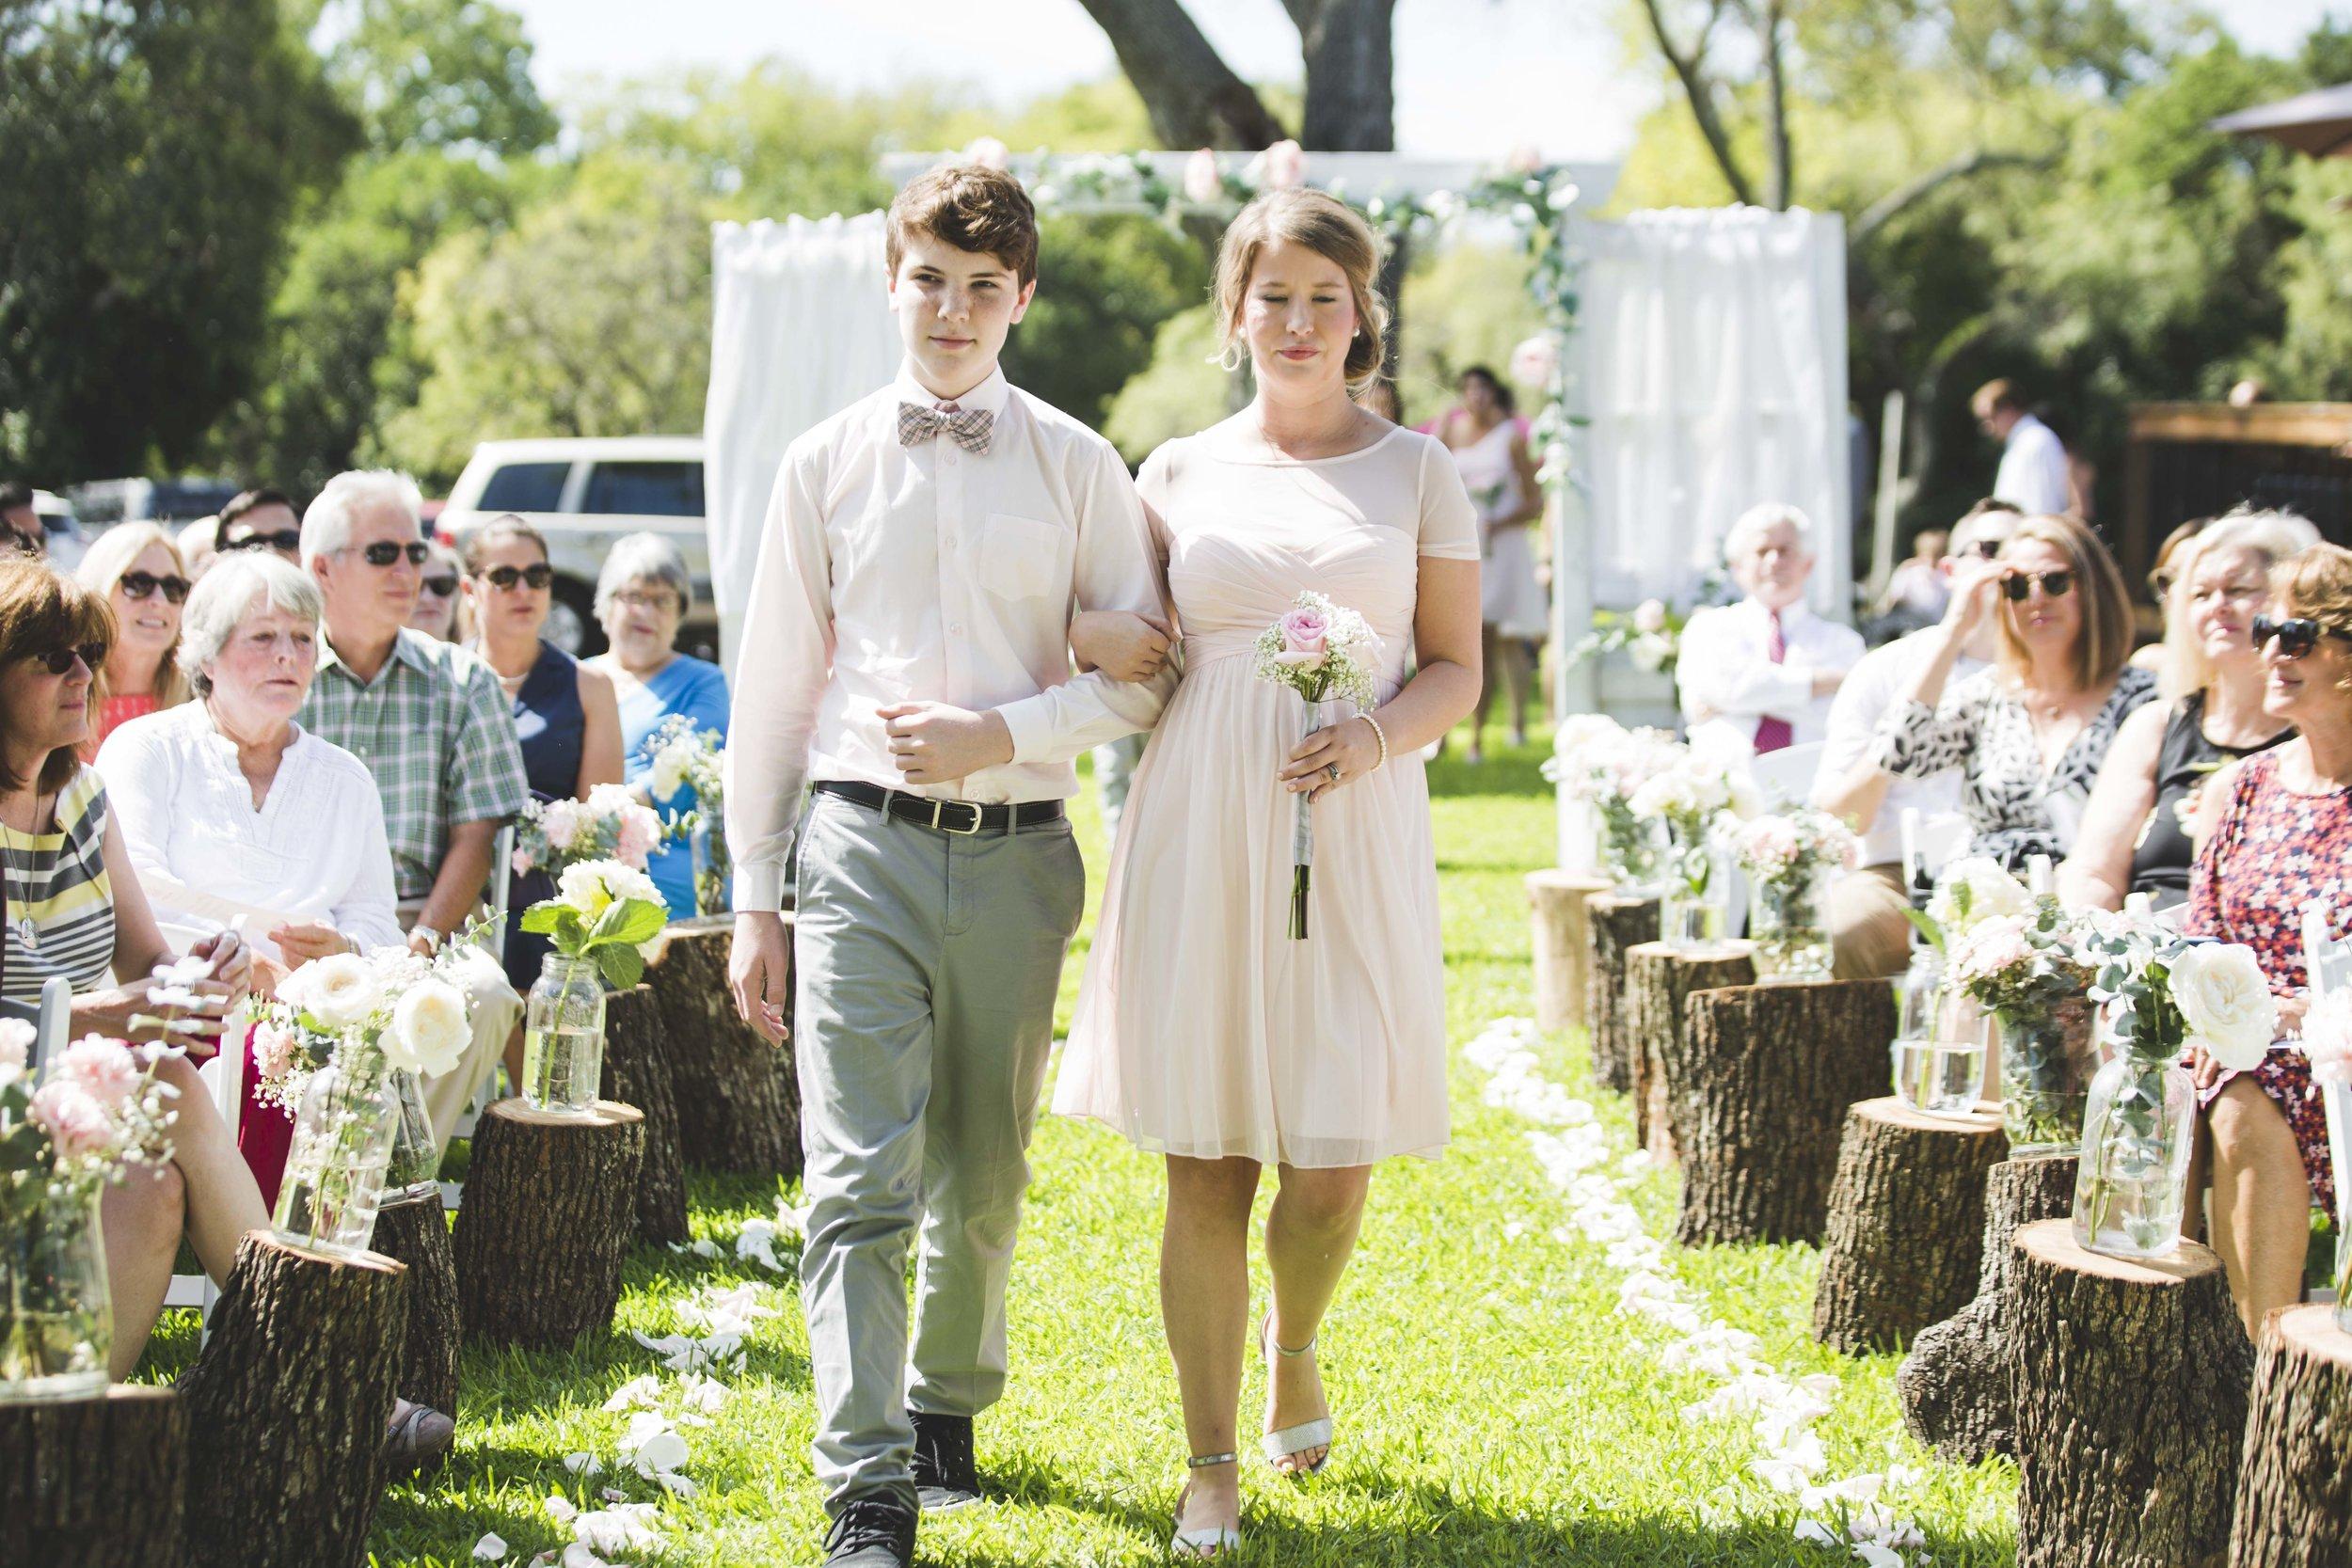 ATGI_Susanna & Matt Wedding_717A7507.jpg